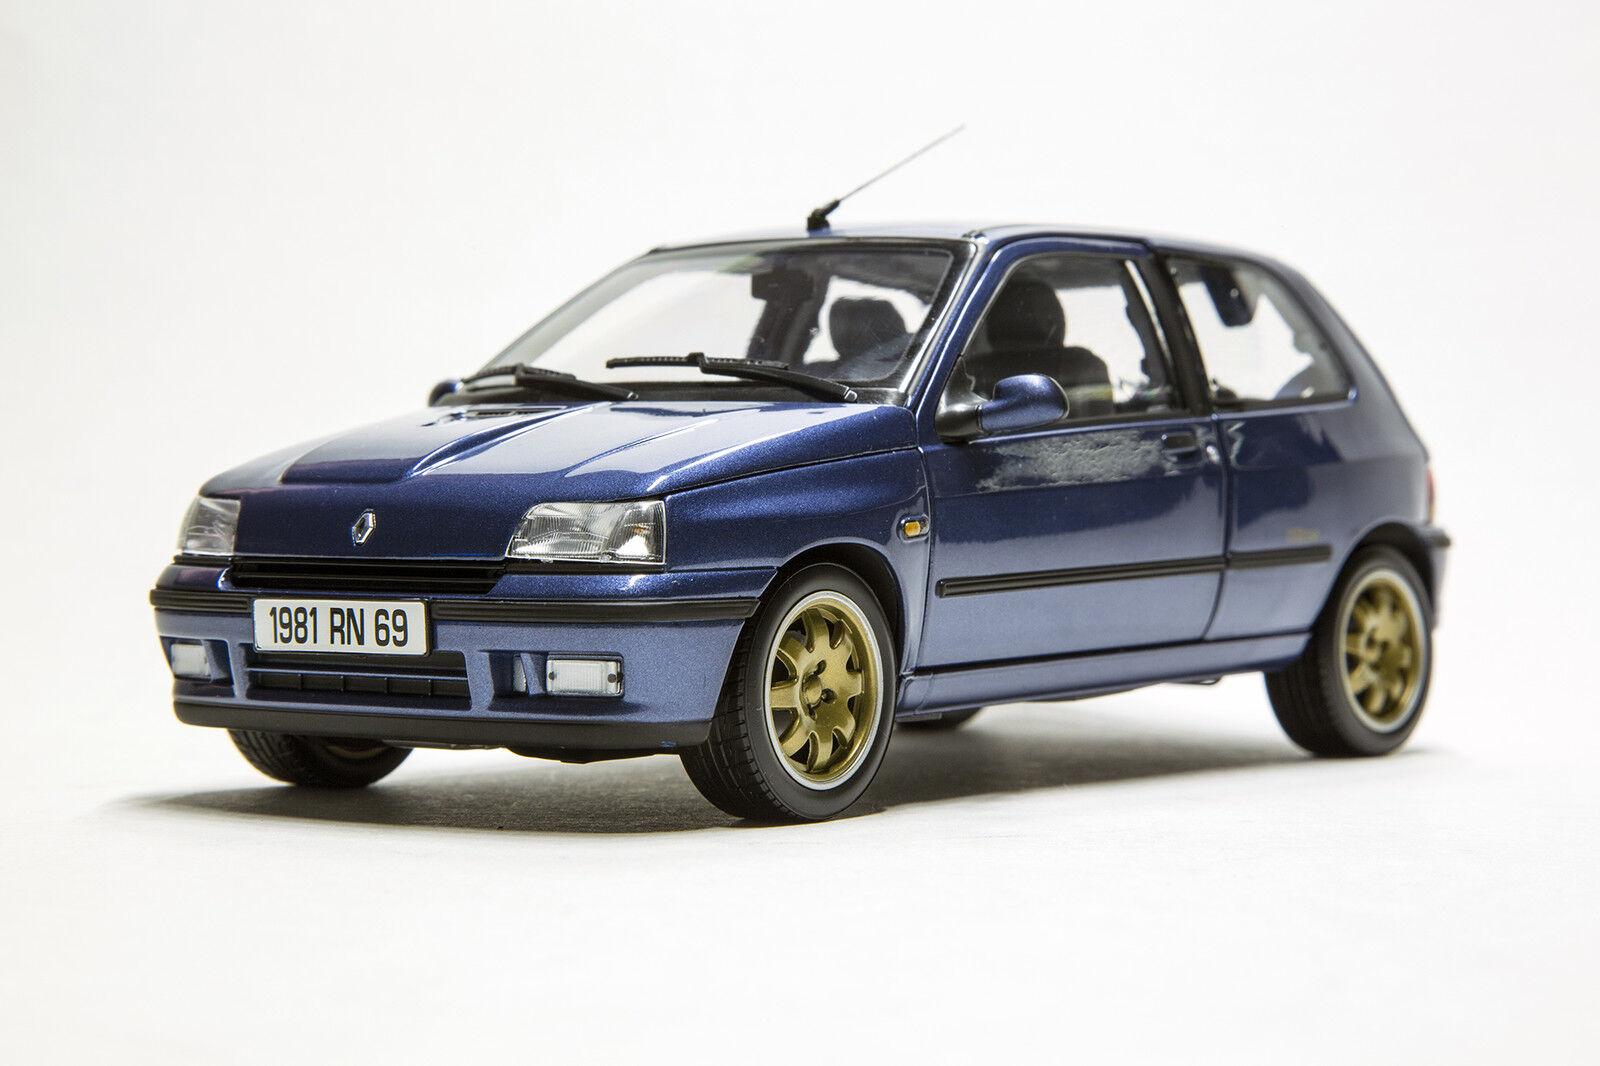 Norev 1  18 voiture Die cast renault clio williams PH the bleu Metallic Art 185230  garanti